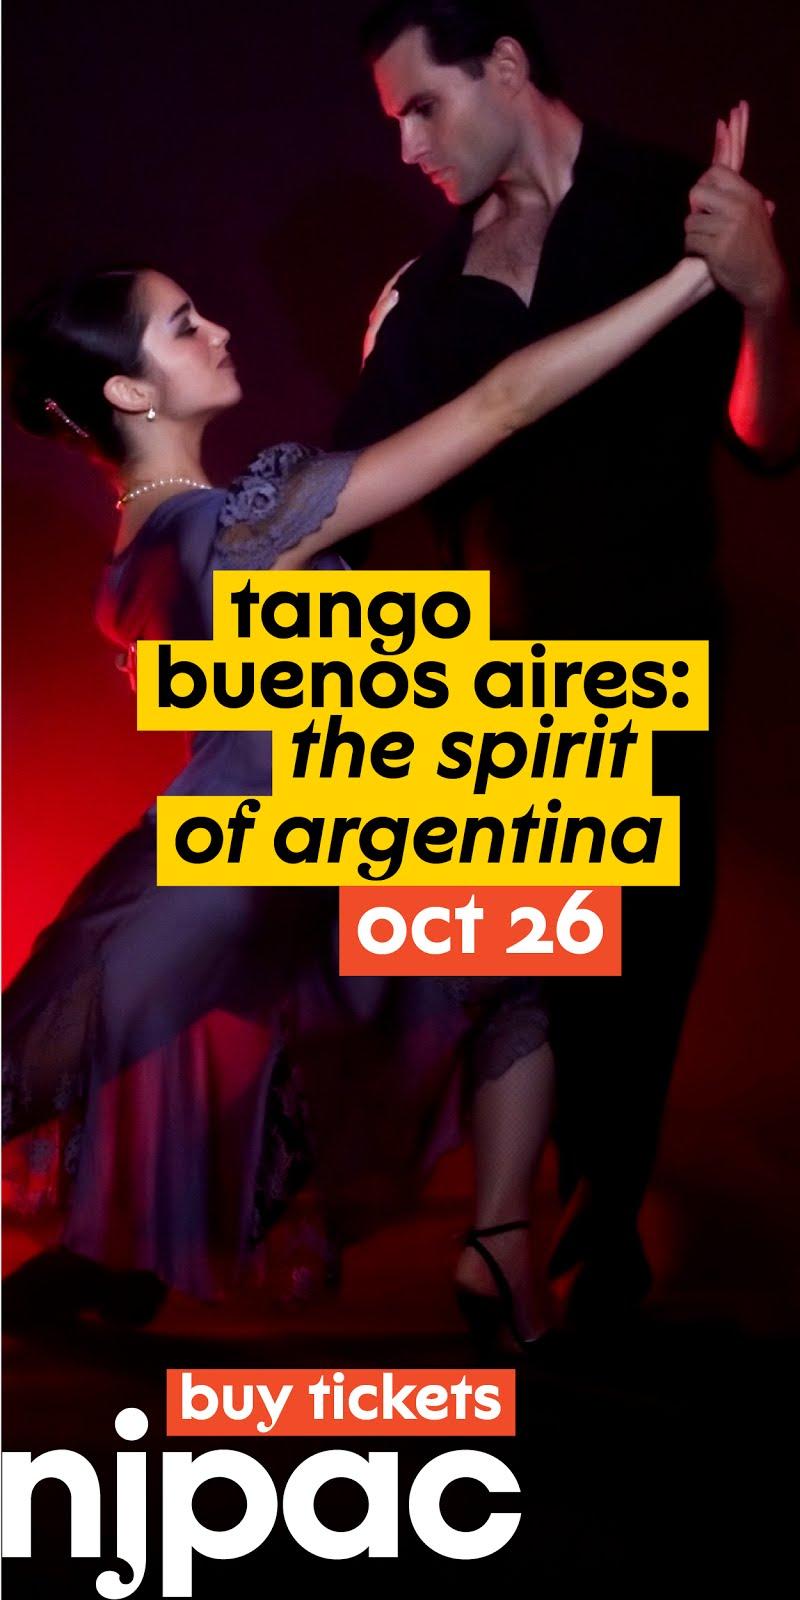 Tango anyone